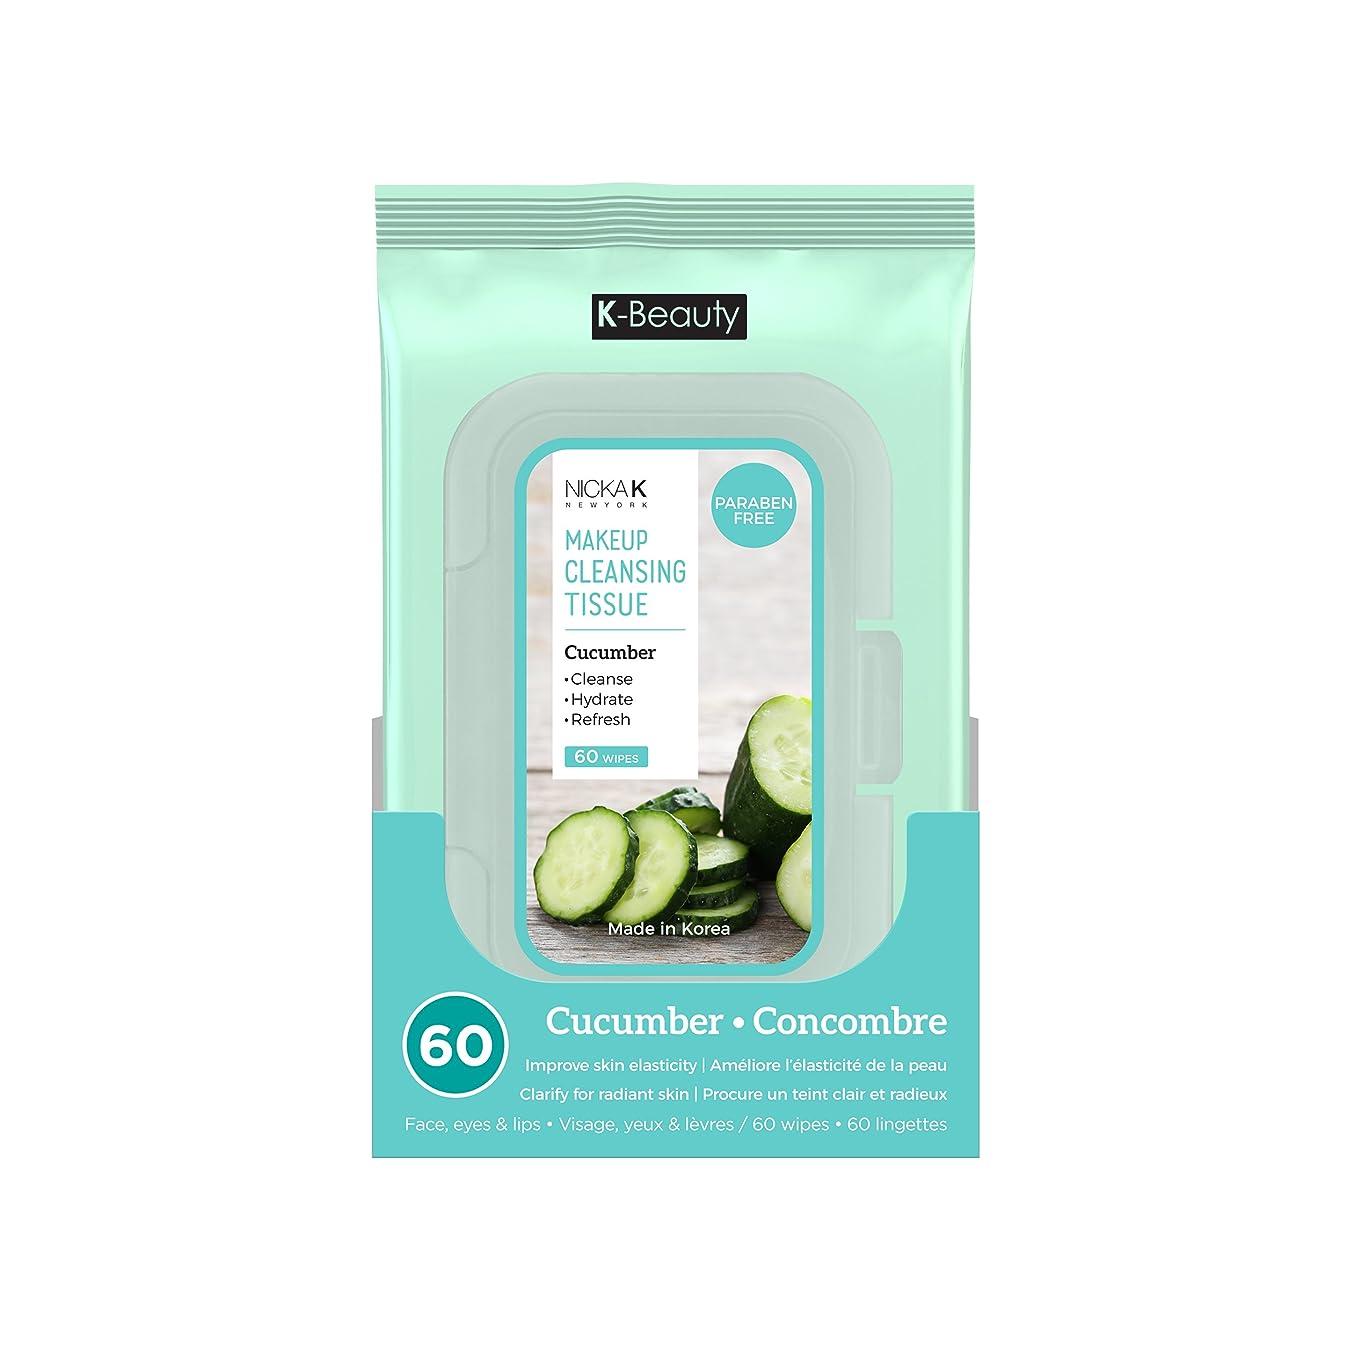 シリンダー主婦ましいNICKA K Make Up Cleansing Tissue - Cucumber (並行輸入品)